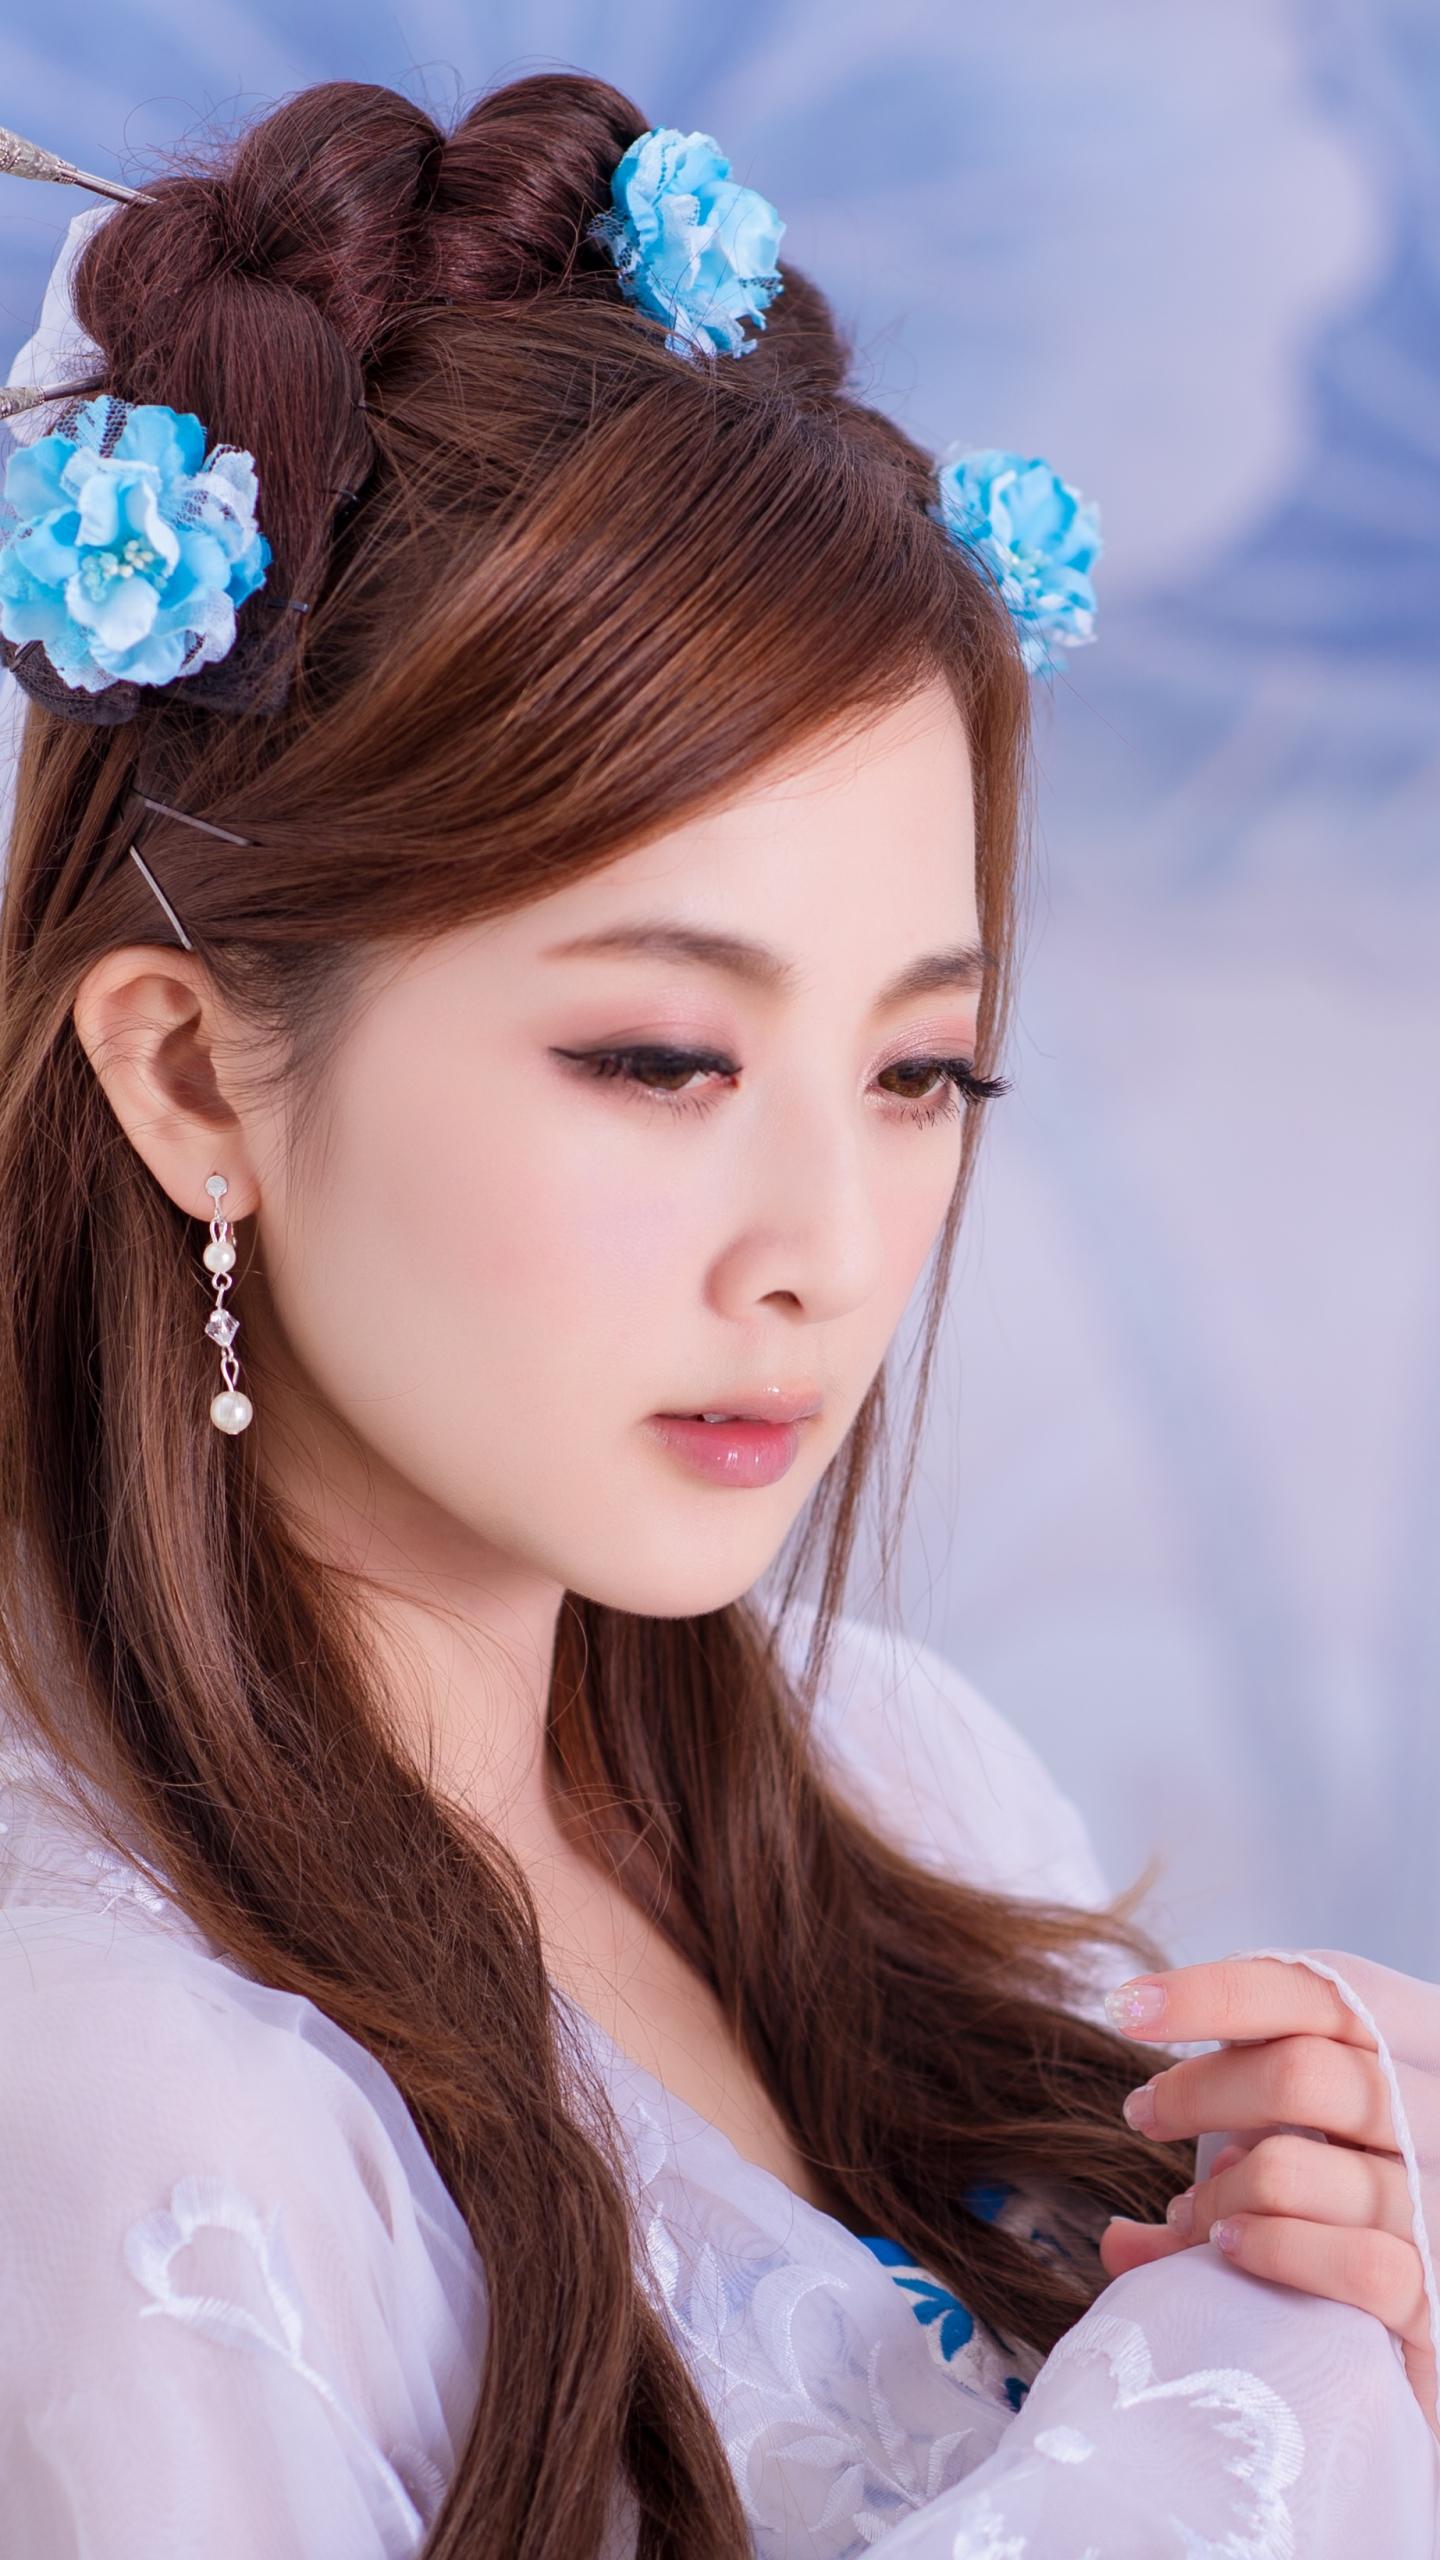 WomenMikako Zhang Kaijie 1440x2560 Wallpaper ID 637611 1440x2560